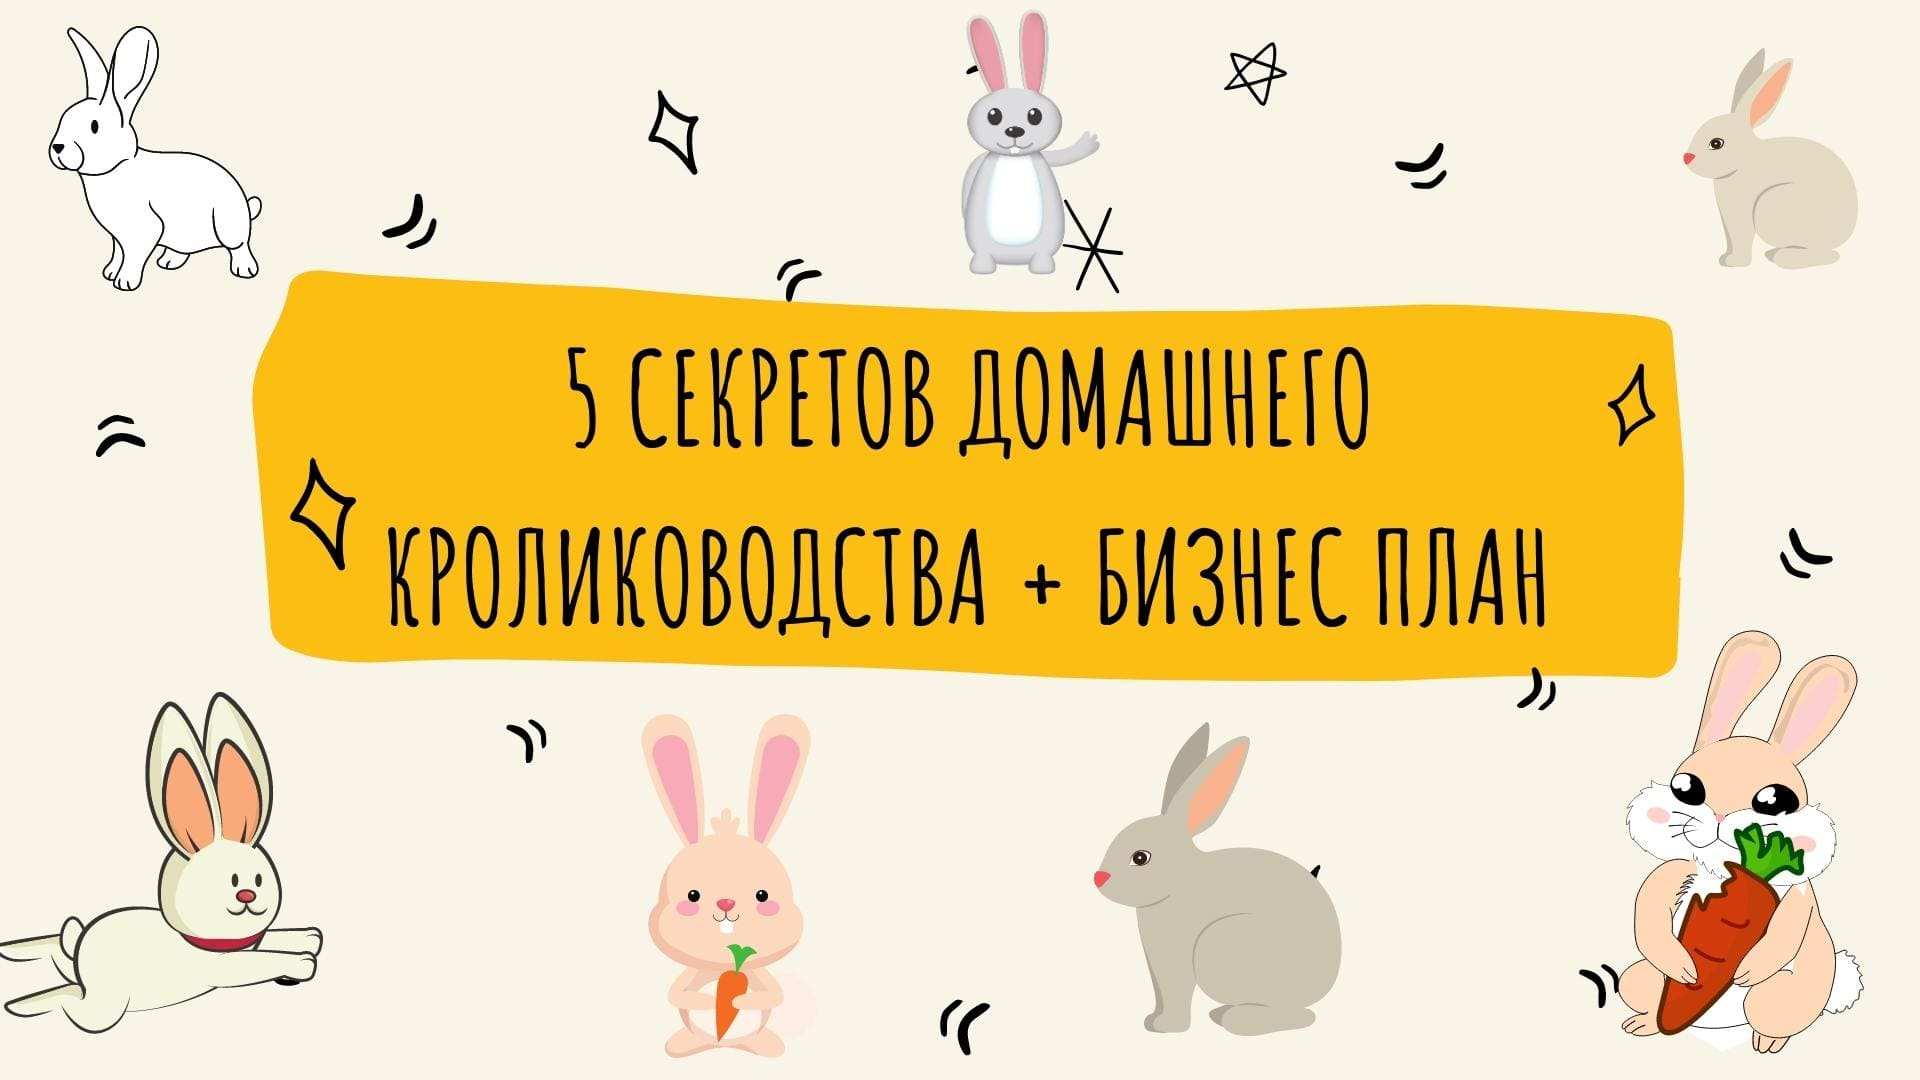 5 секретов домашнего кролиководства + бизнес план